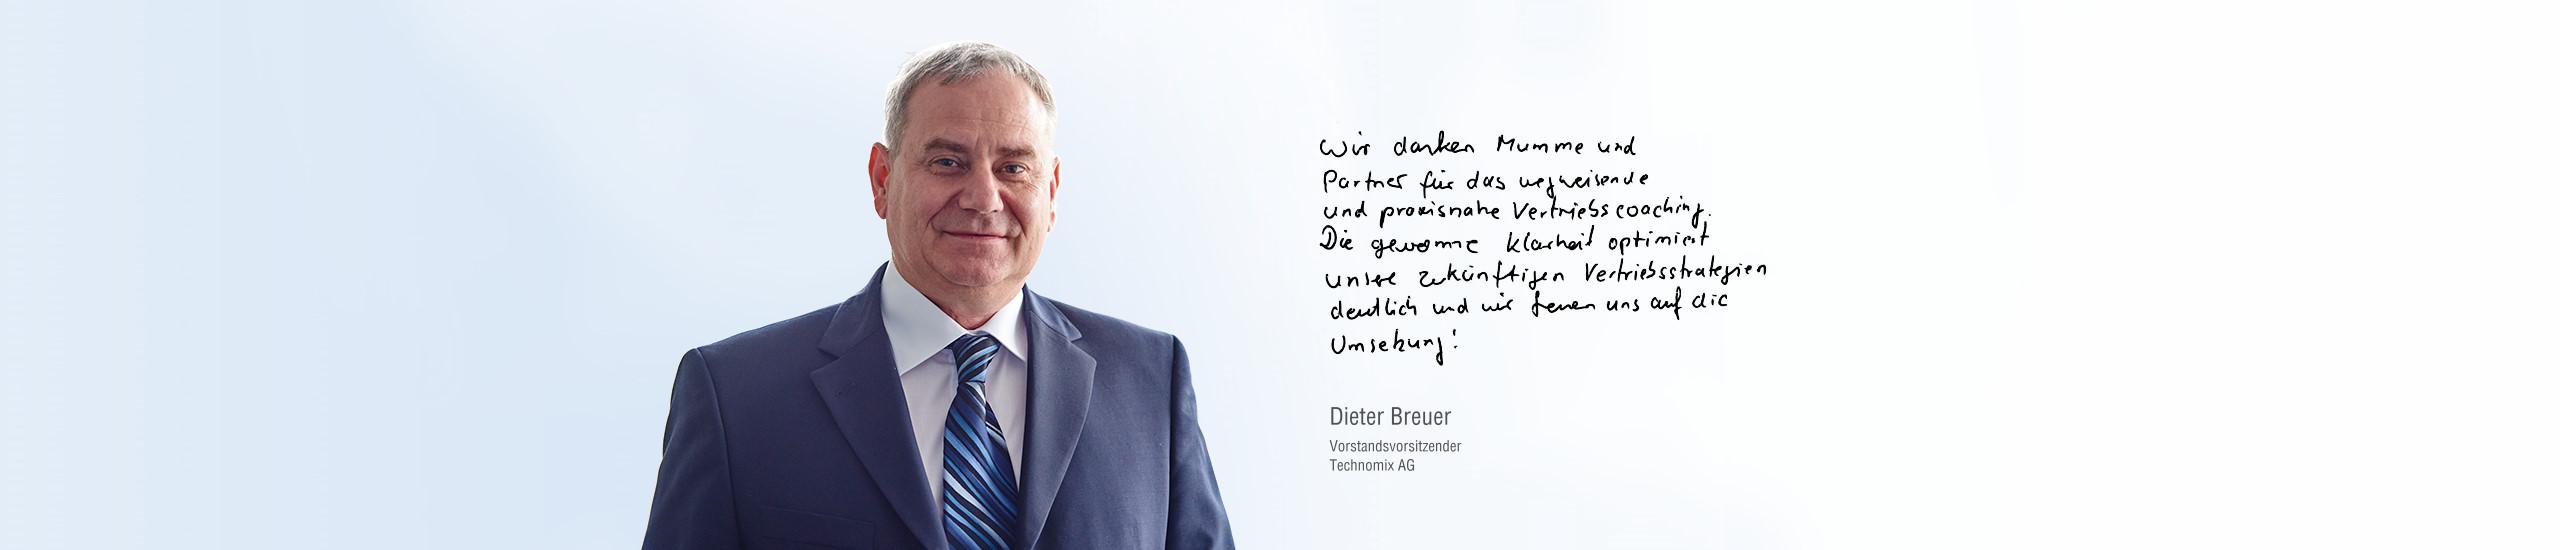 Vertriebscoaching und Vertriebstraining für die Fa. Technomix - Mumme & Partner in Stuttgart und München